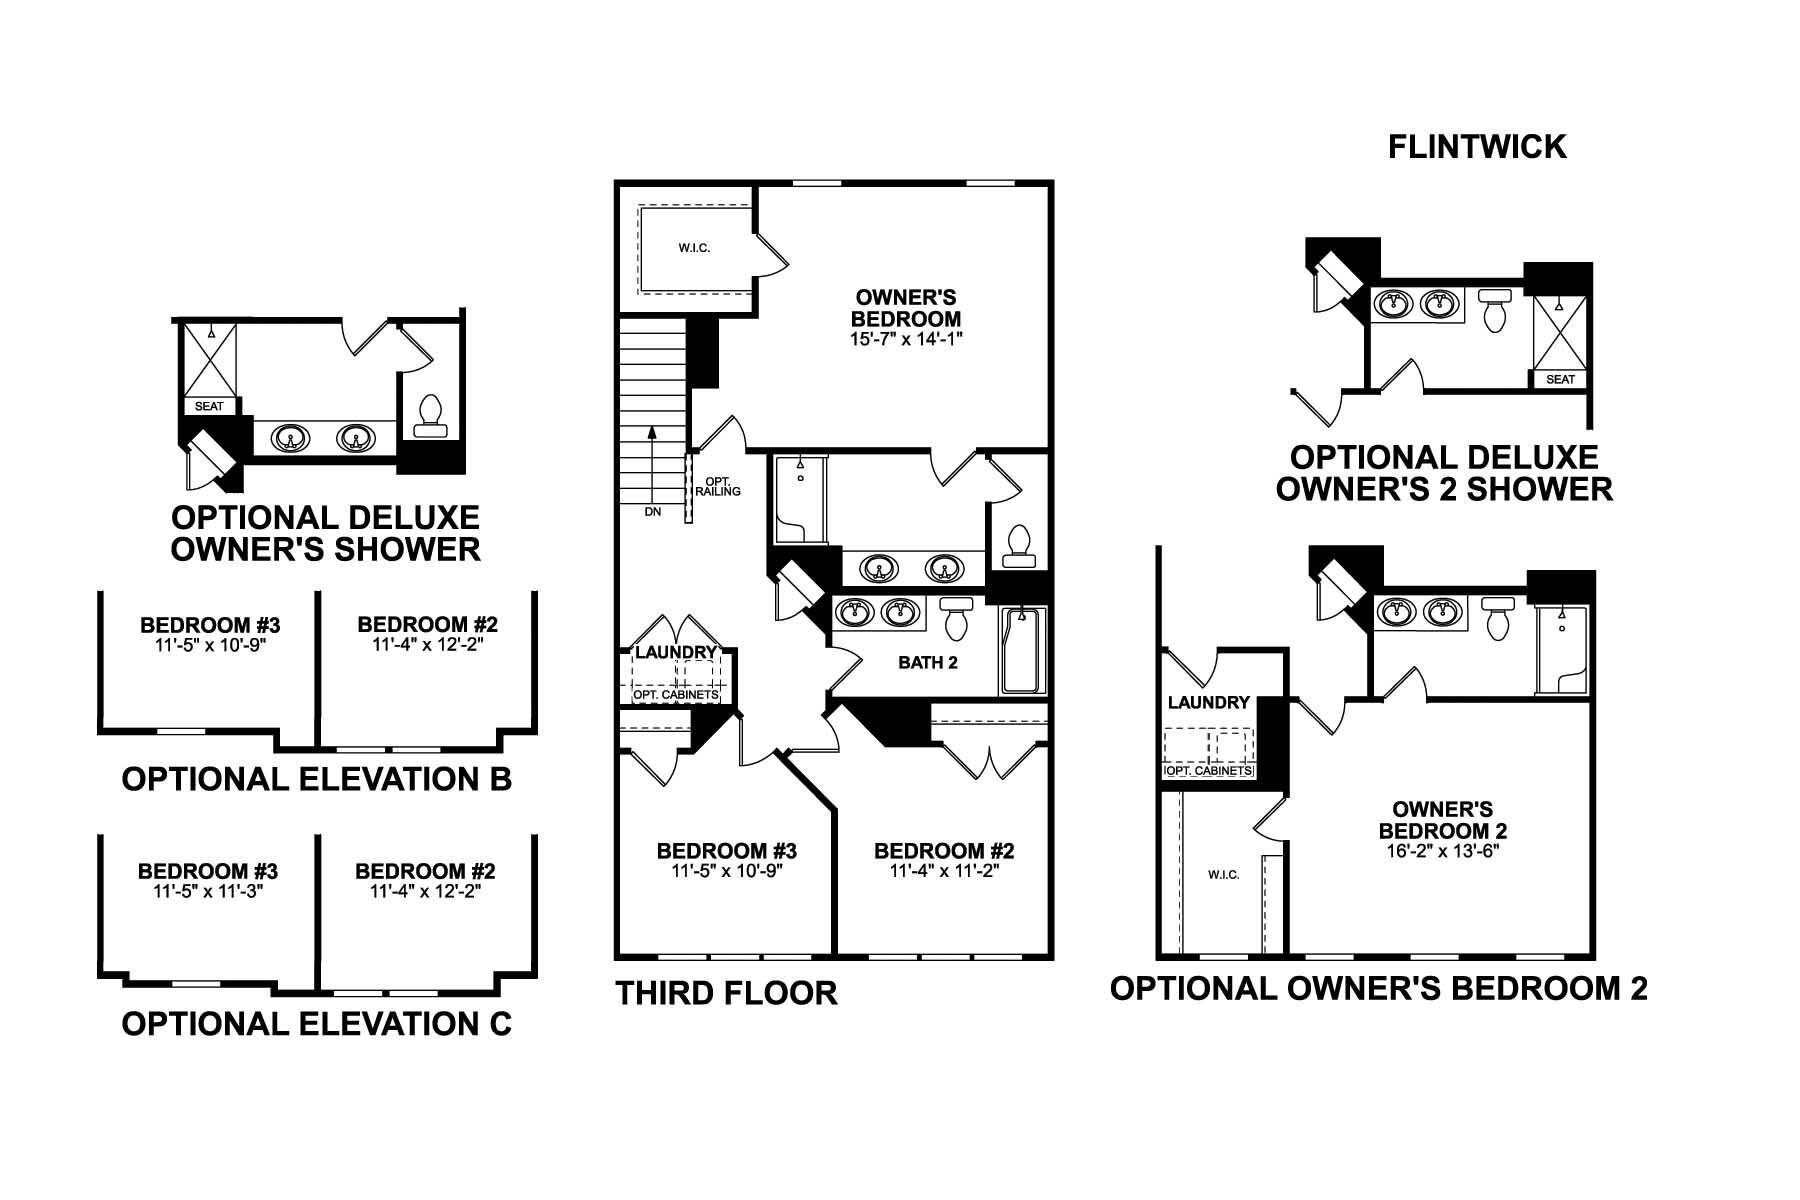 Flintwick Third Floor